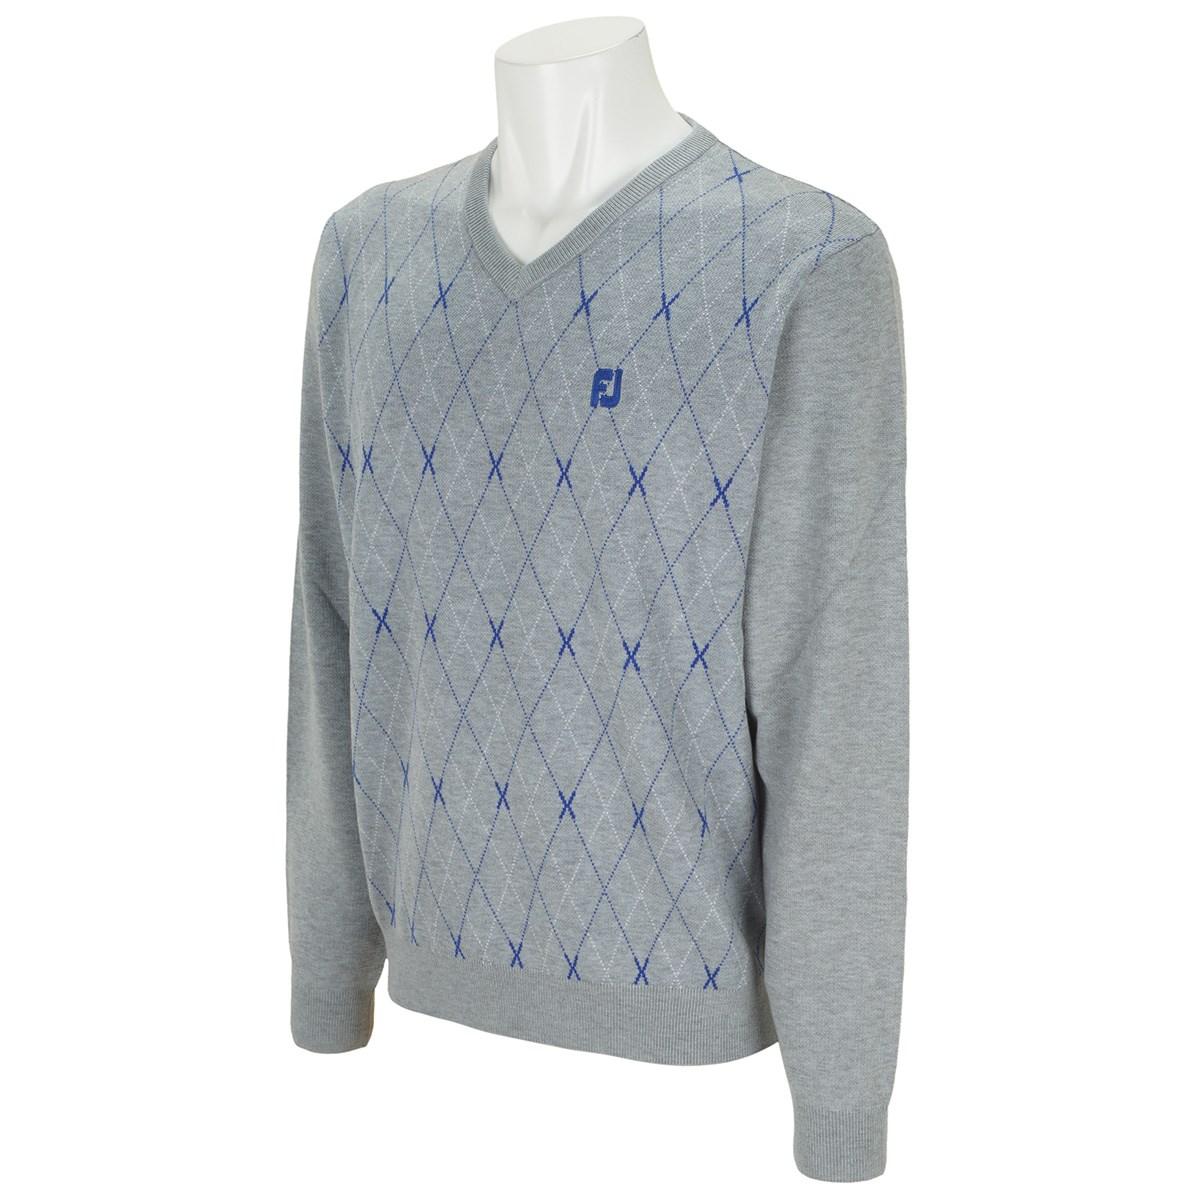 フットジョイ(FootJoy) Vネックセーター